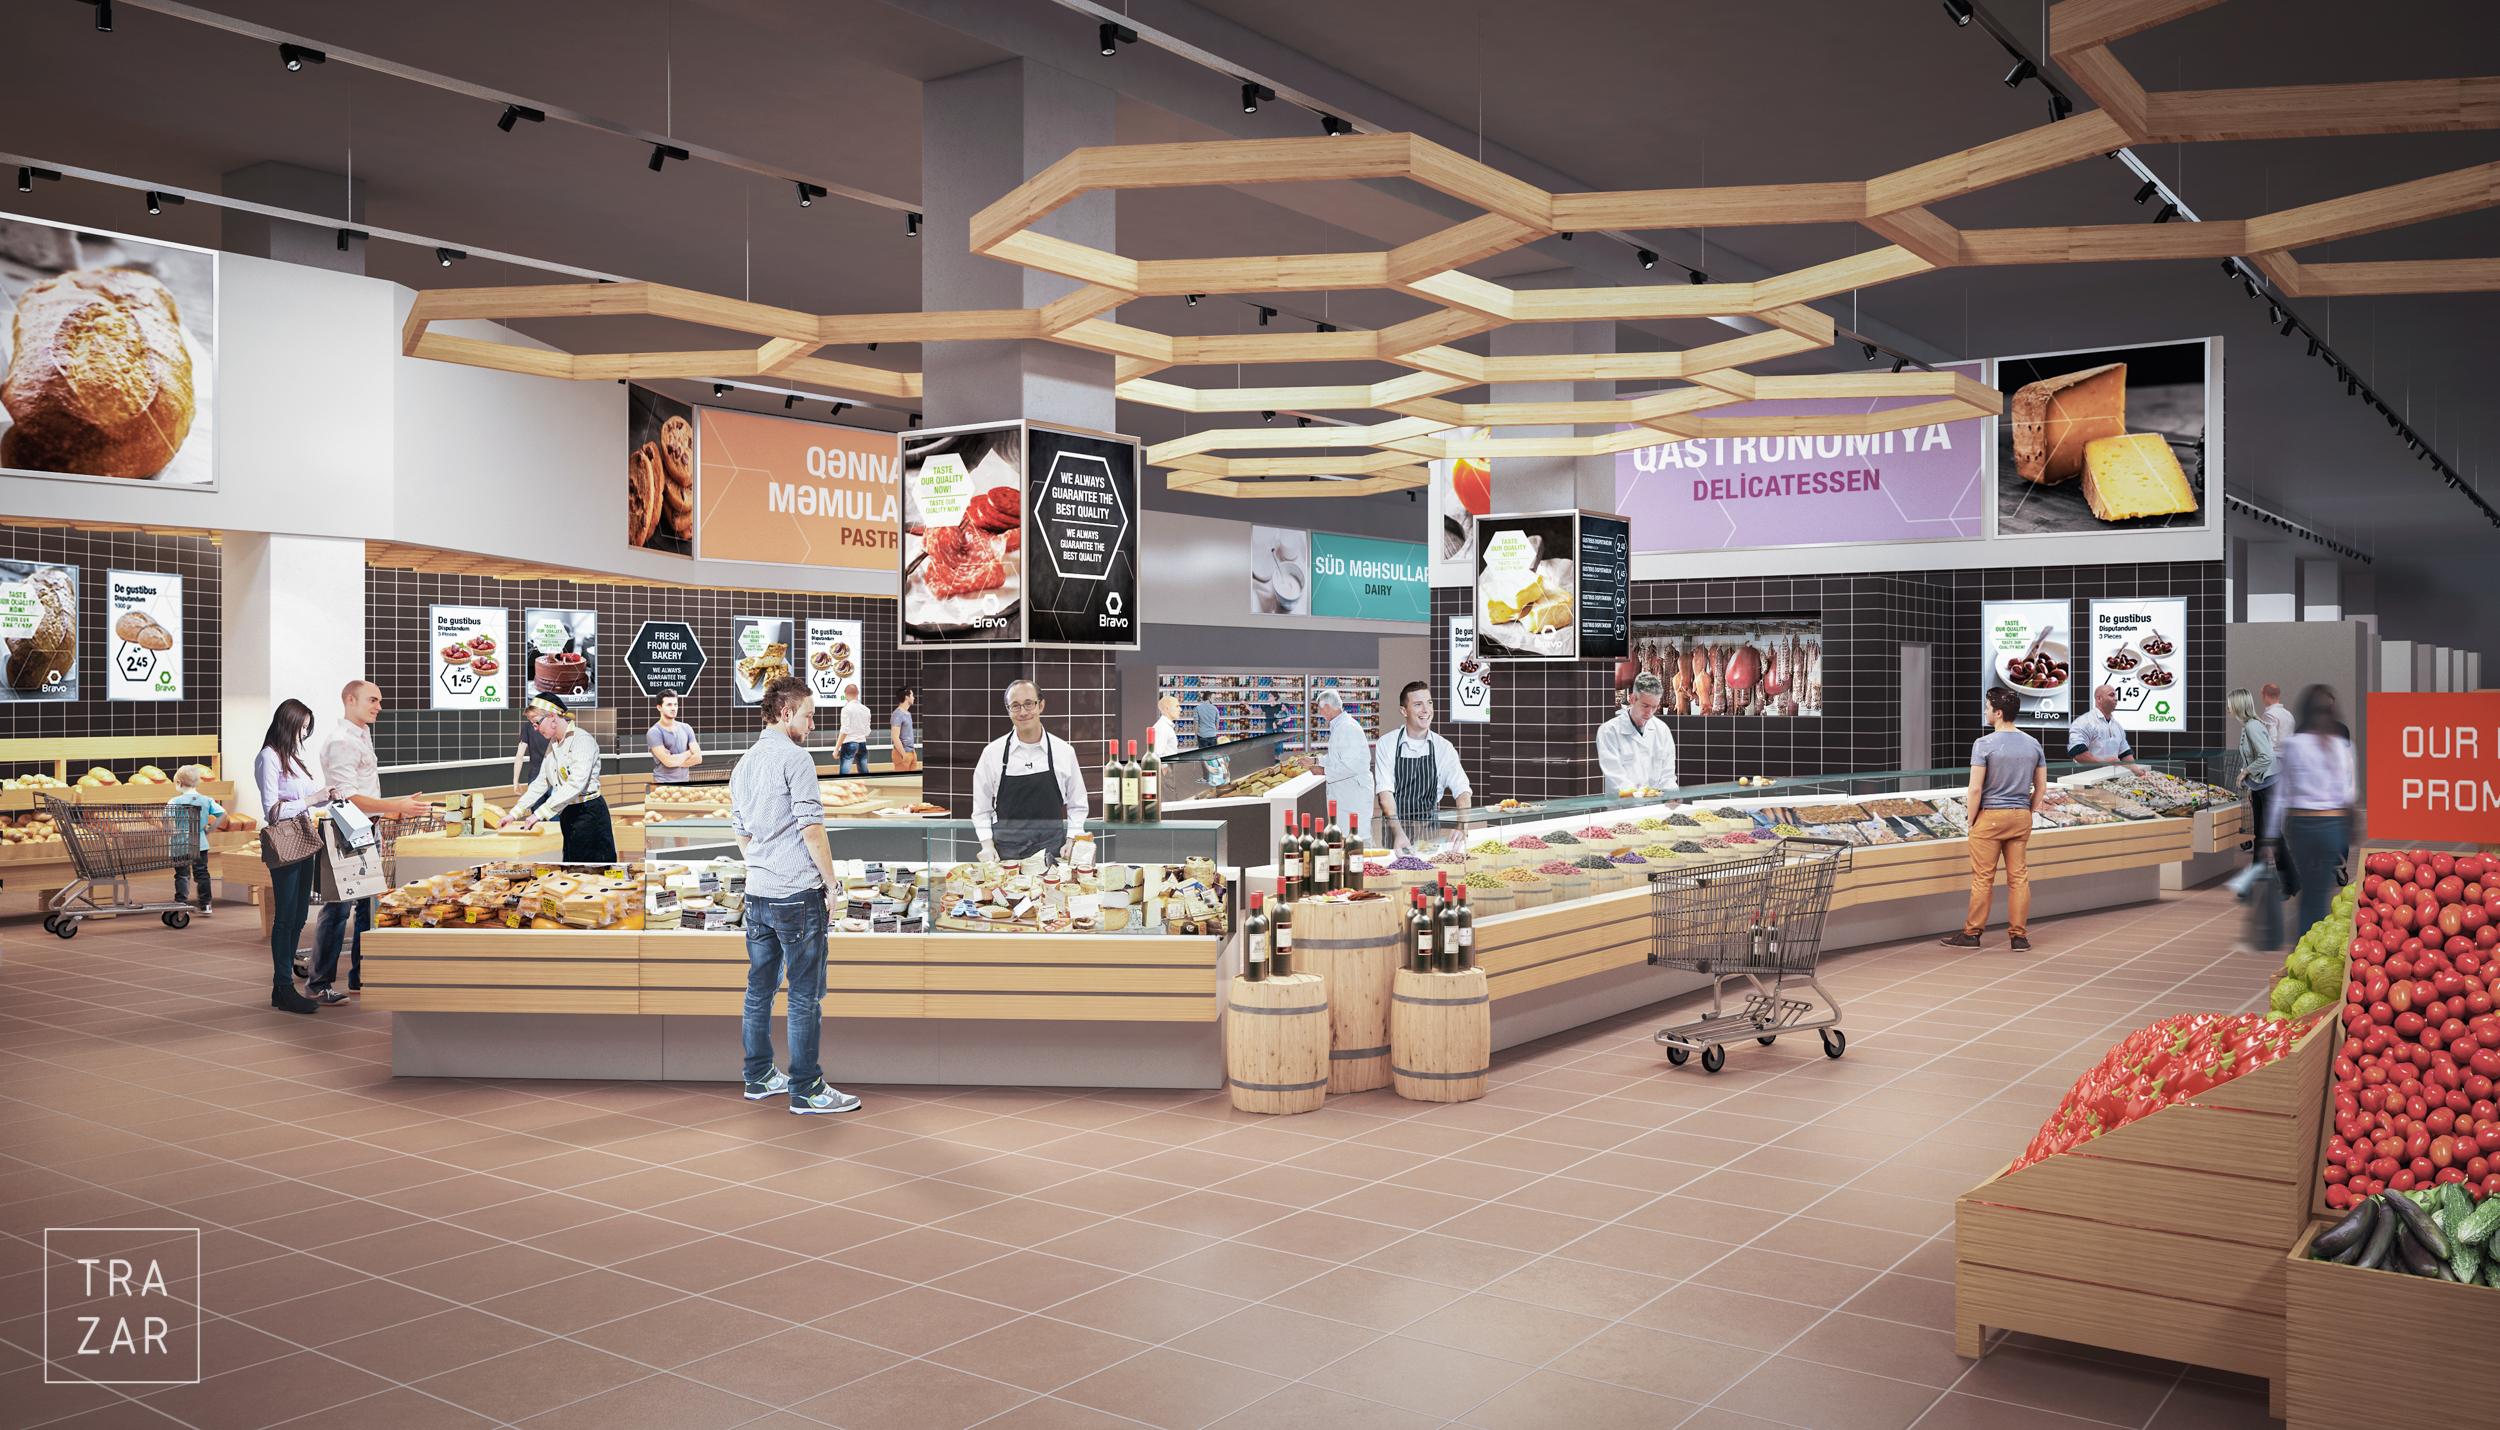 245-JDV-01_supermarkt_Abjn_deli-5.jpg